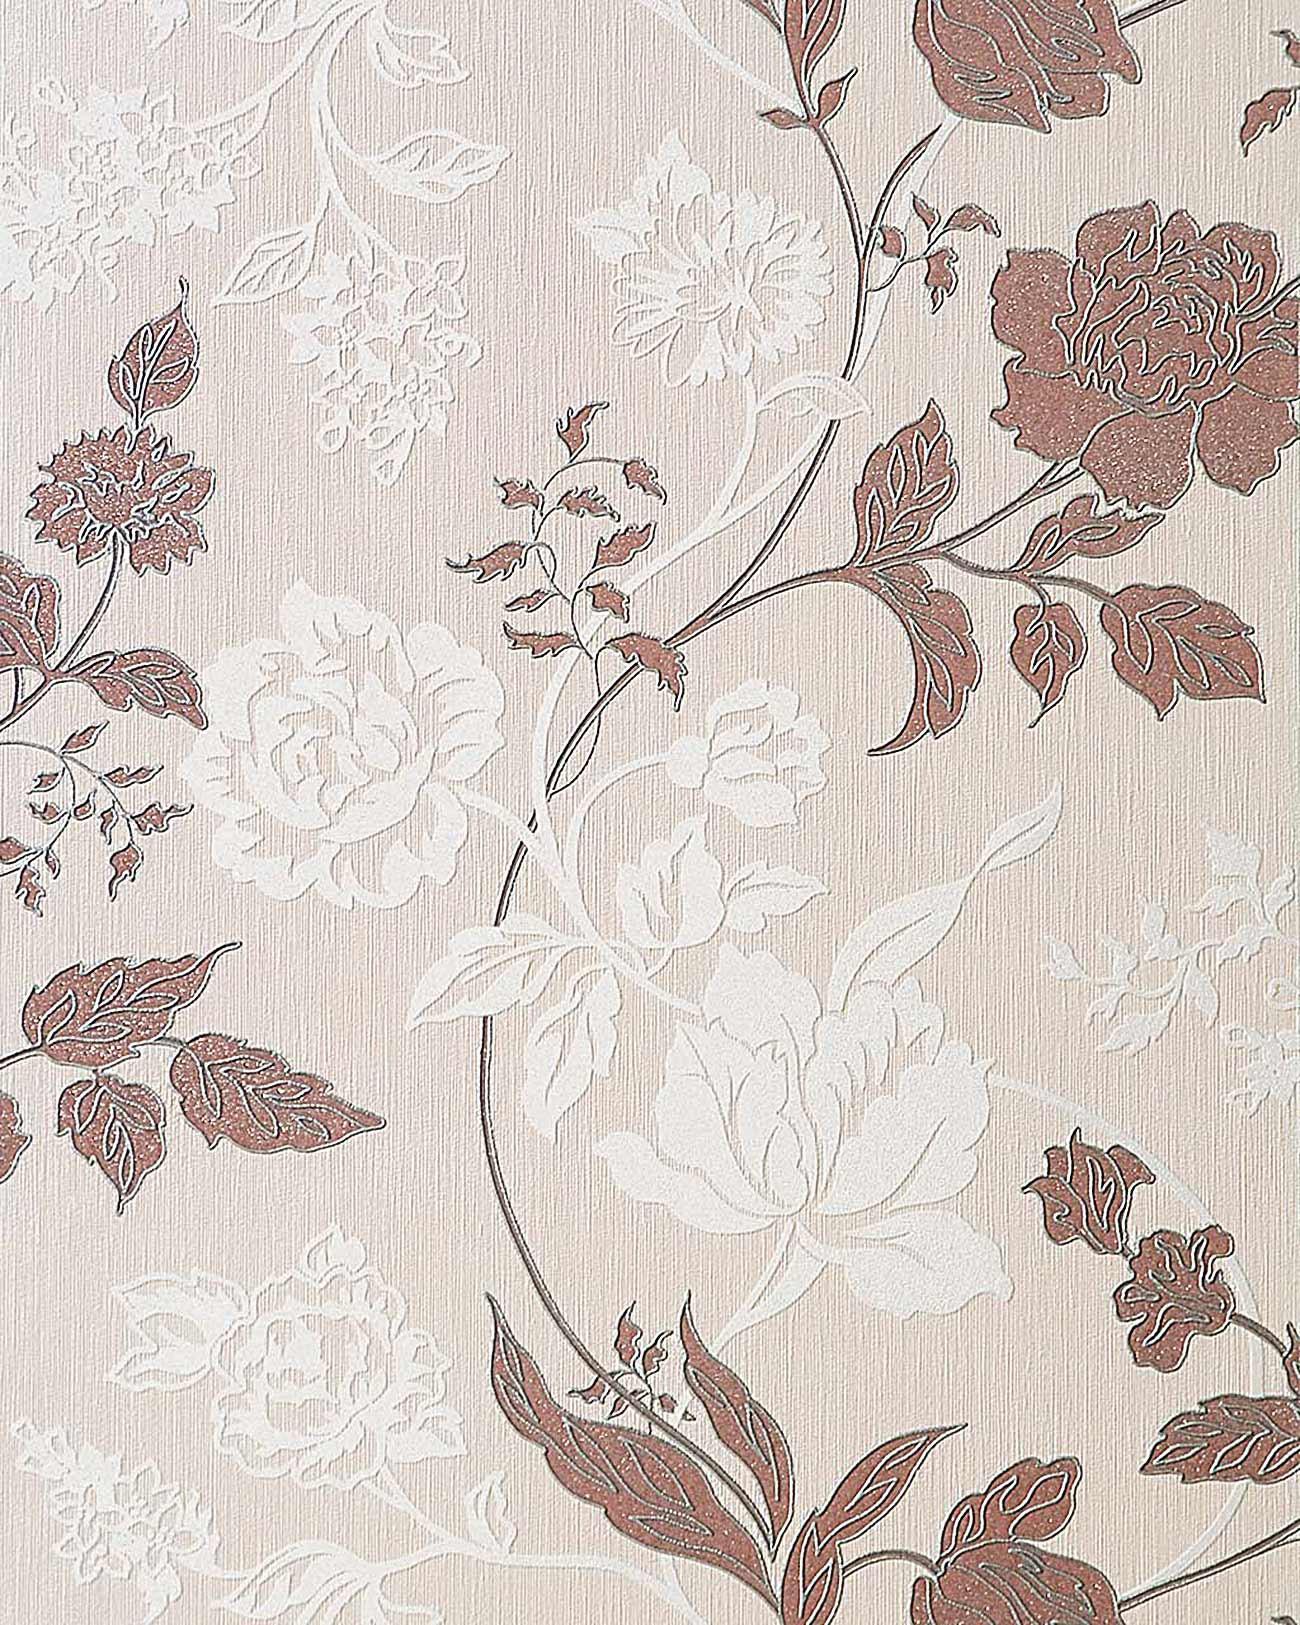 3D Blumentapete Landhaustapete EDEM 116 23 Design Floral Blumen Tapete  Beige Creme Weiß Kakao  ...